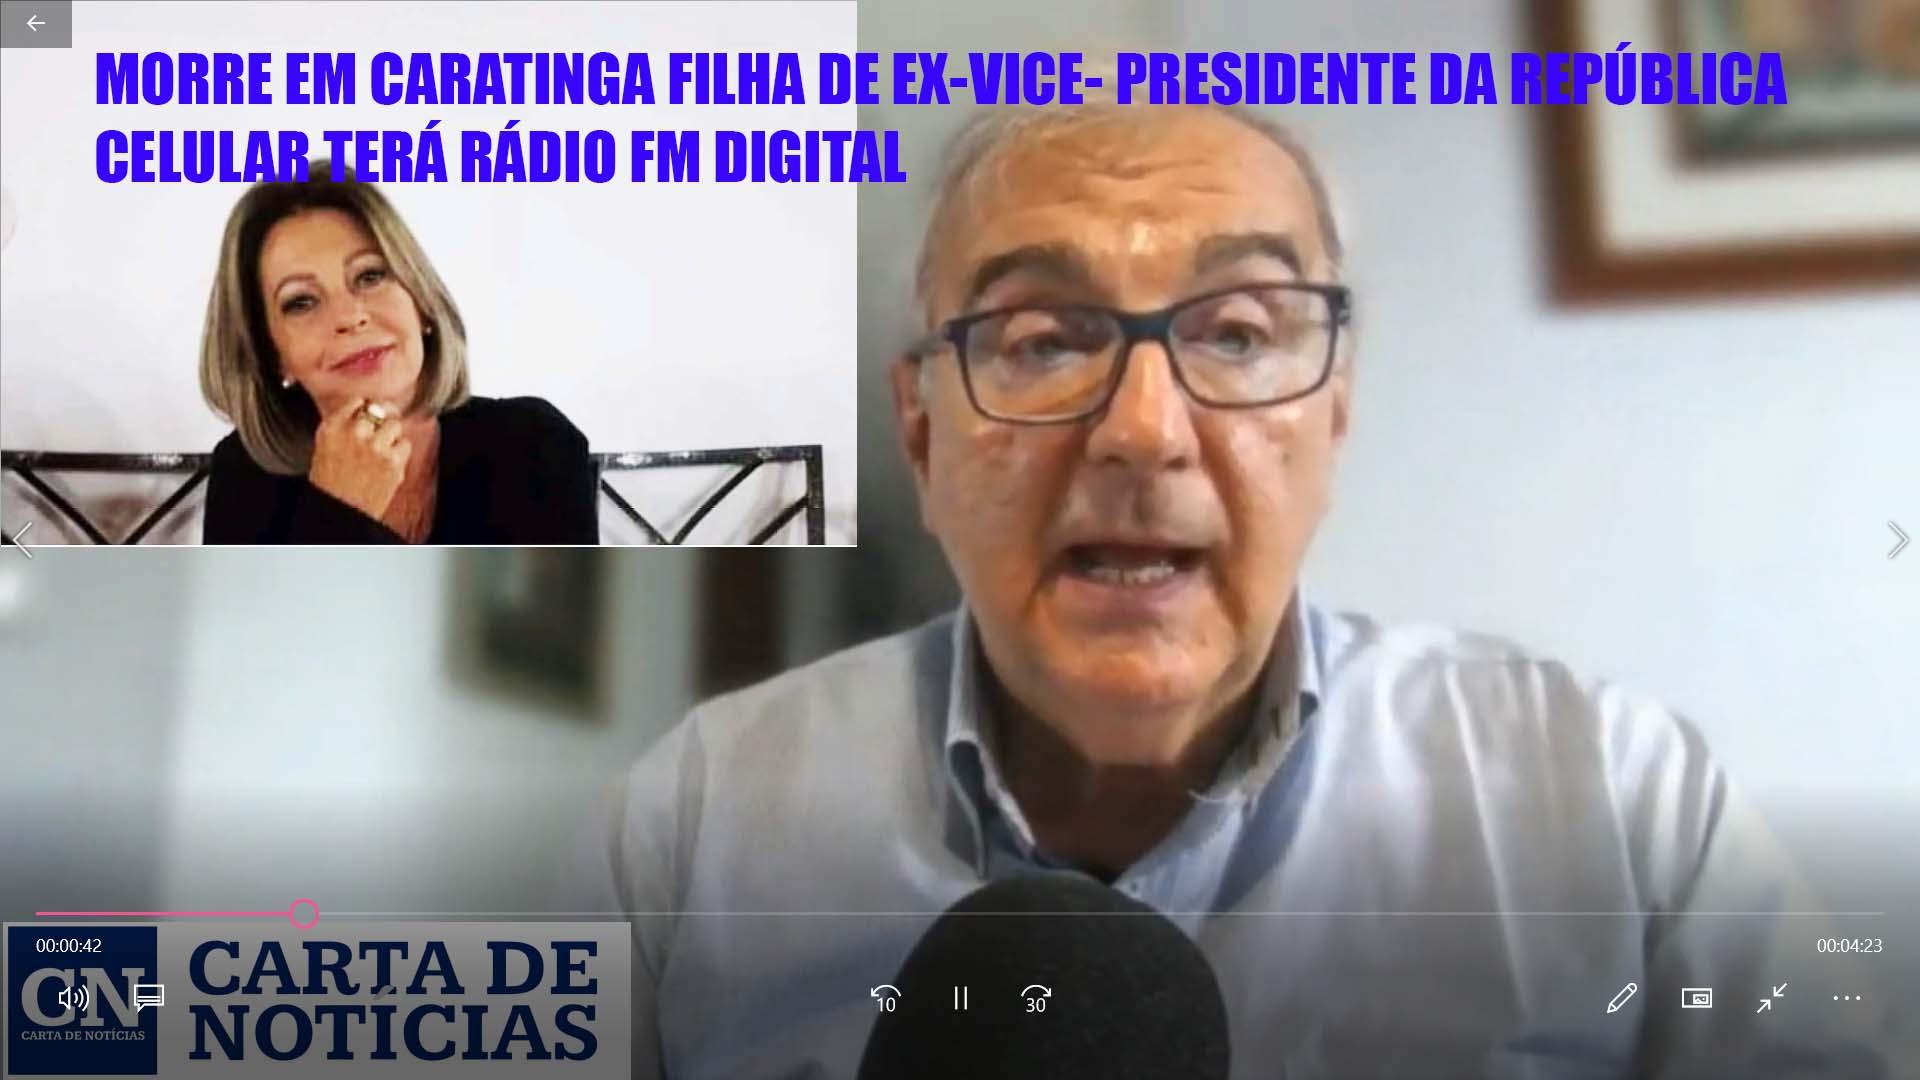 Morre em Caratinga filha de ex-vice-presidente da República